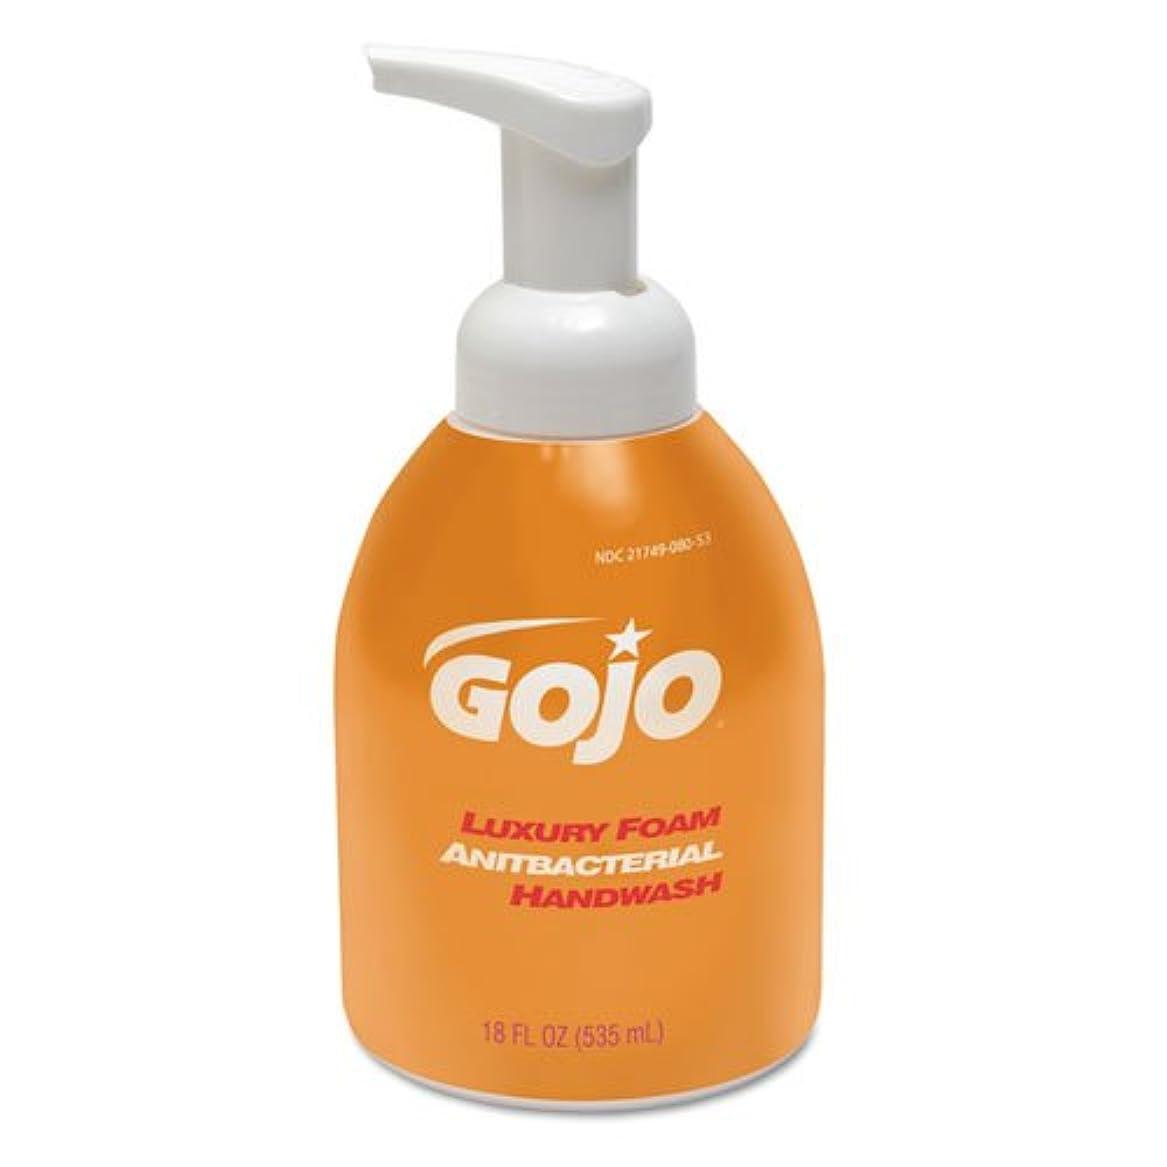 チェリー打撃二MLポンプボトルオレンジBlossom香りつきオレンジ抗菌LuxuryフォームHandwash